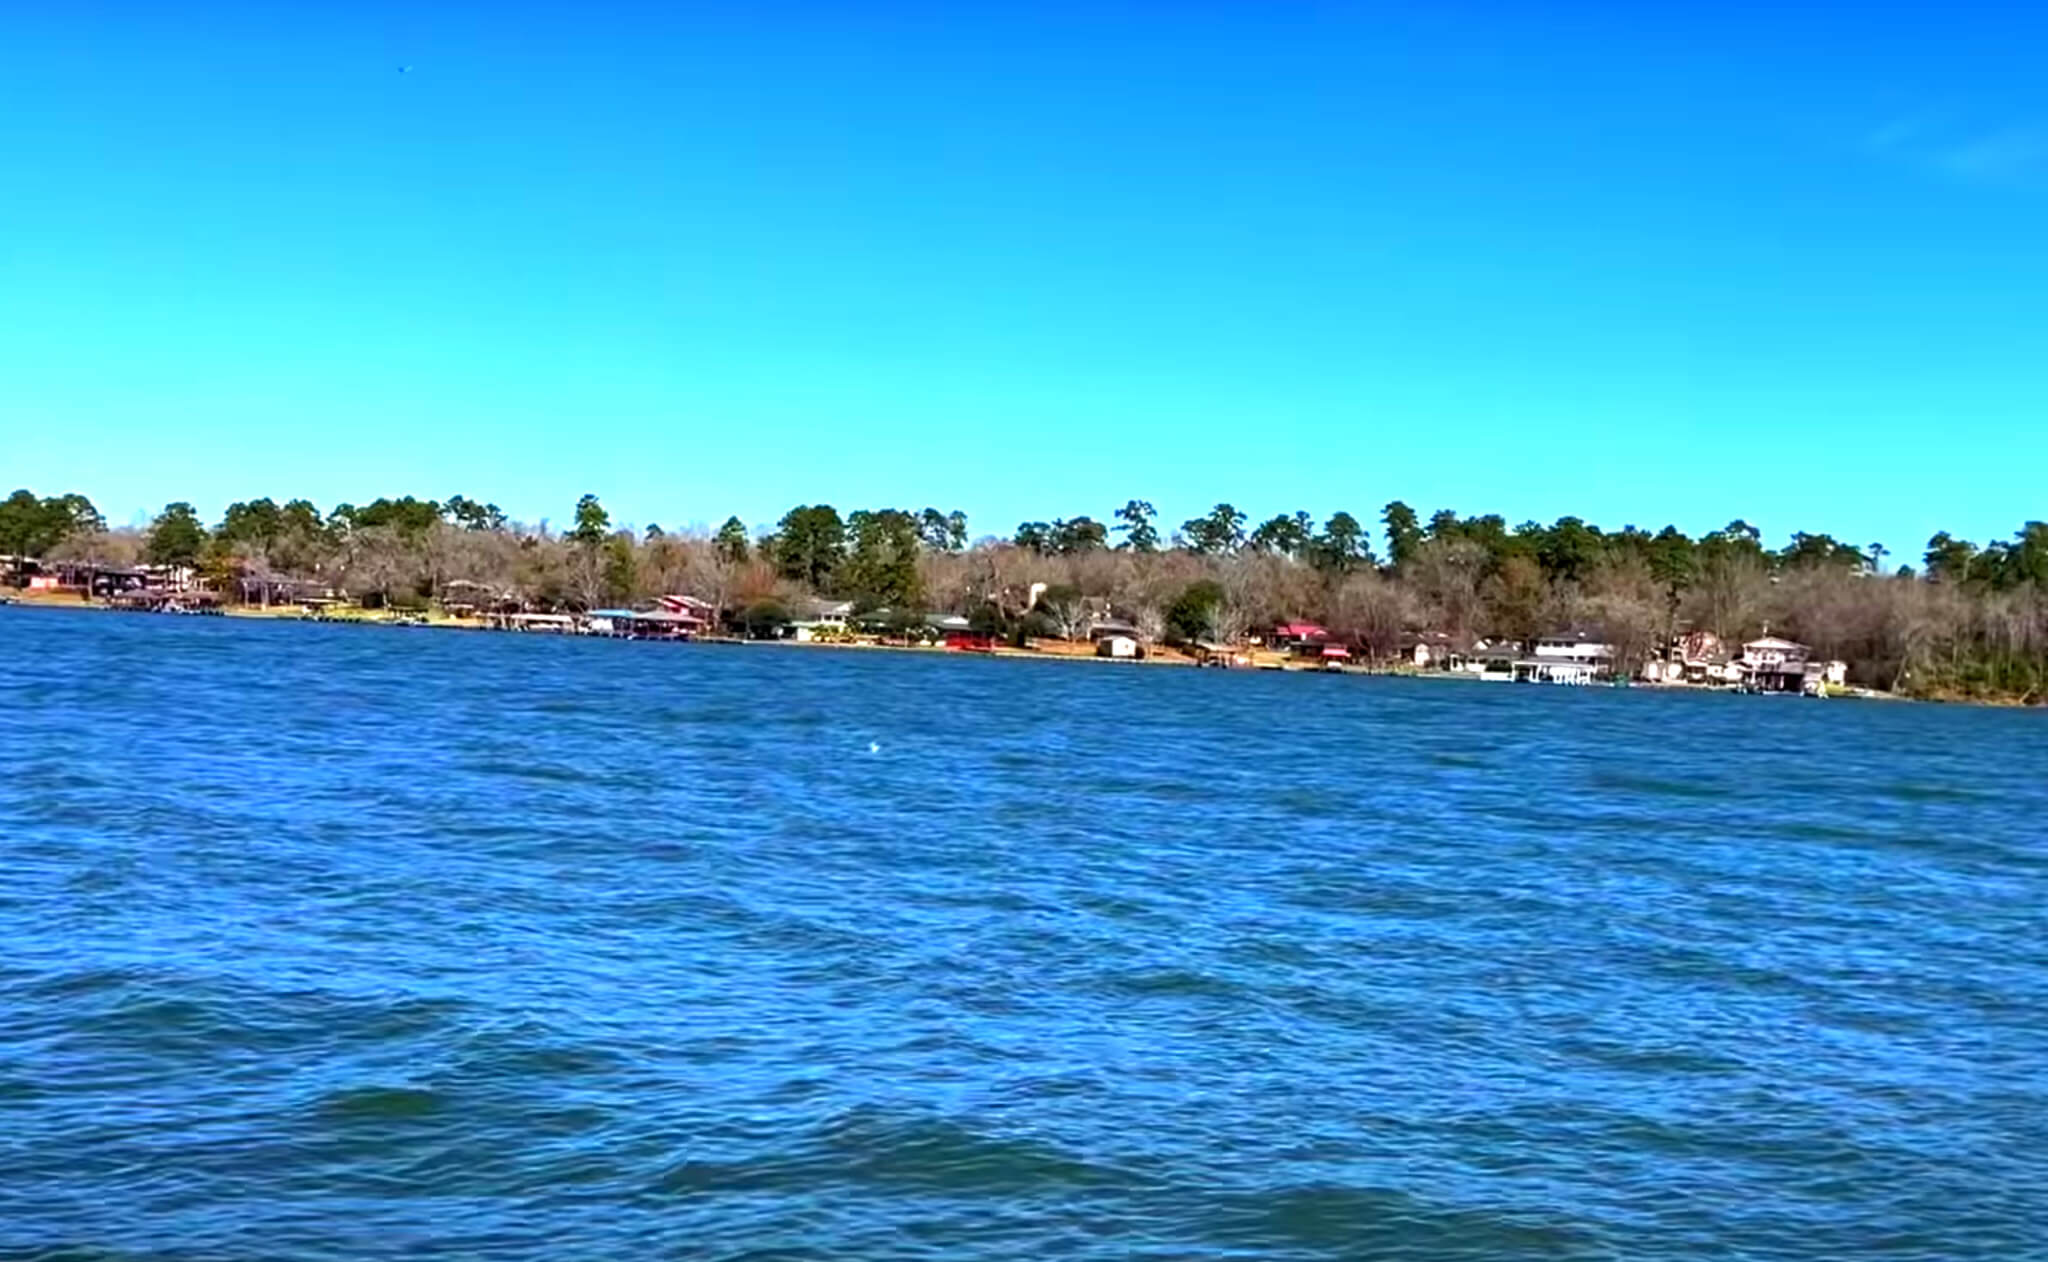 Livingston-Lake-Fishing-Report-Guide-Texas-TX-06